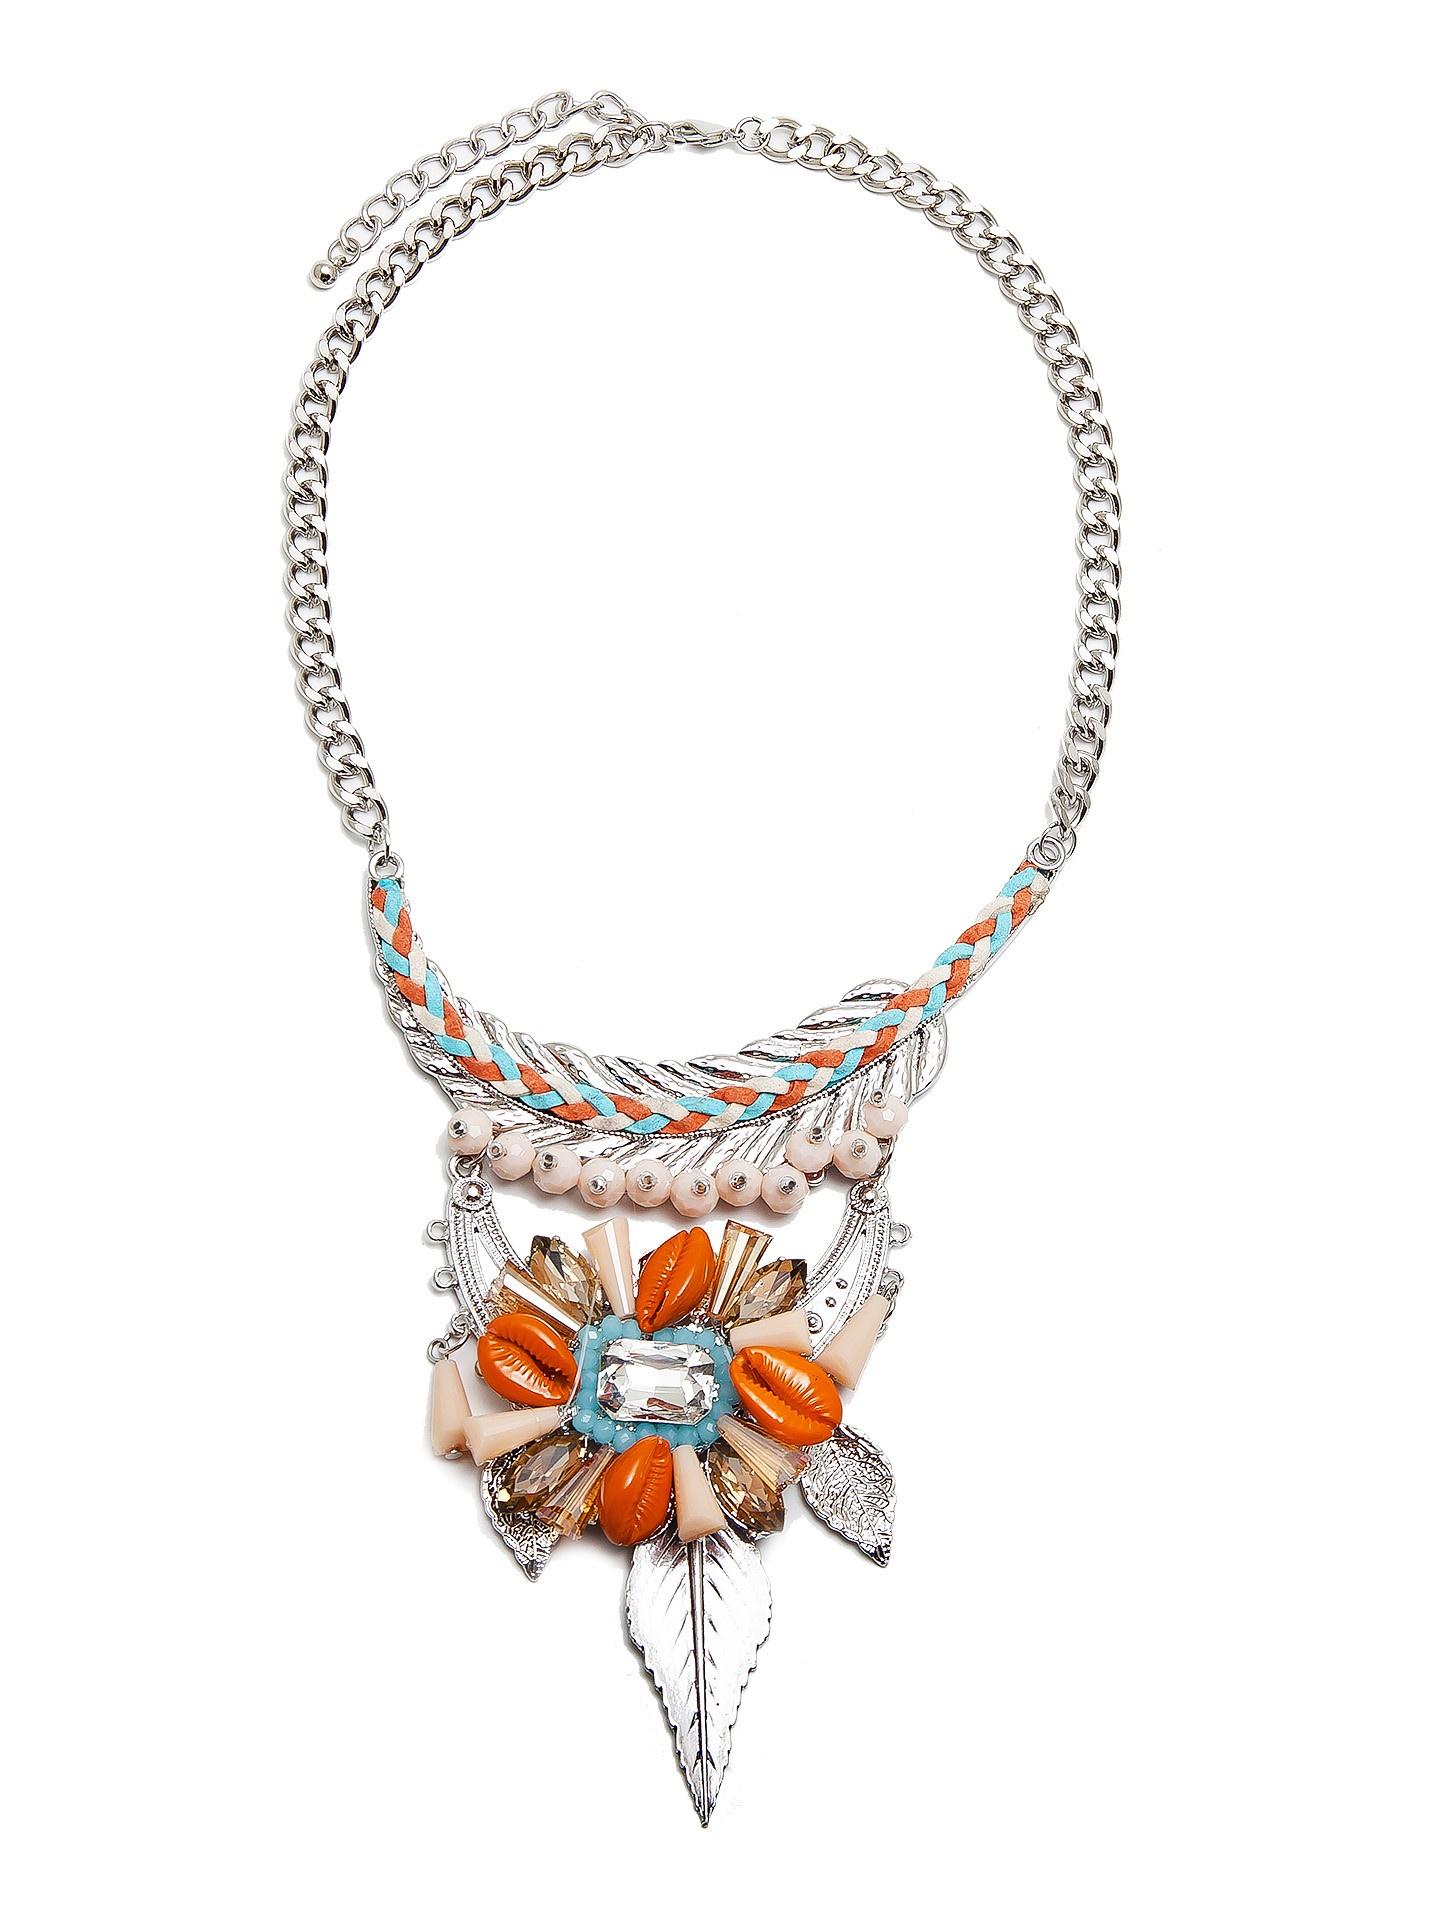 Колье Kameo-bis, цвет: серебряный, оранжевый, голубой. NC800065NC800065Размер 44+8 х 0,7 см, размер подвески 16 х 11 см Состав: кристаллы, металл, текстиль, сплав на основе латуни